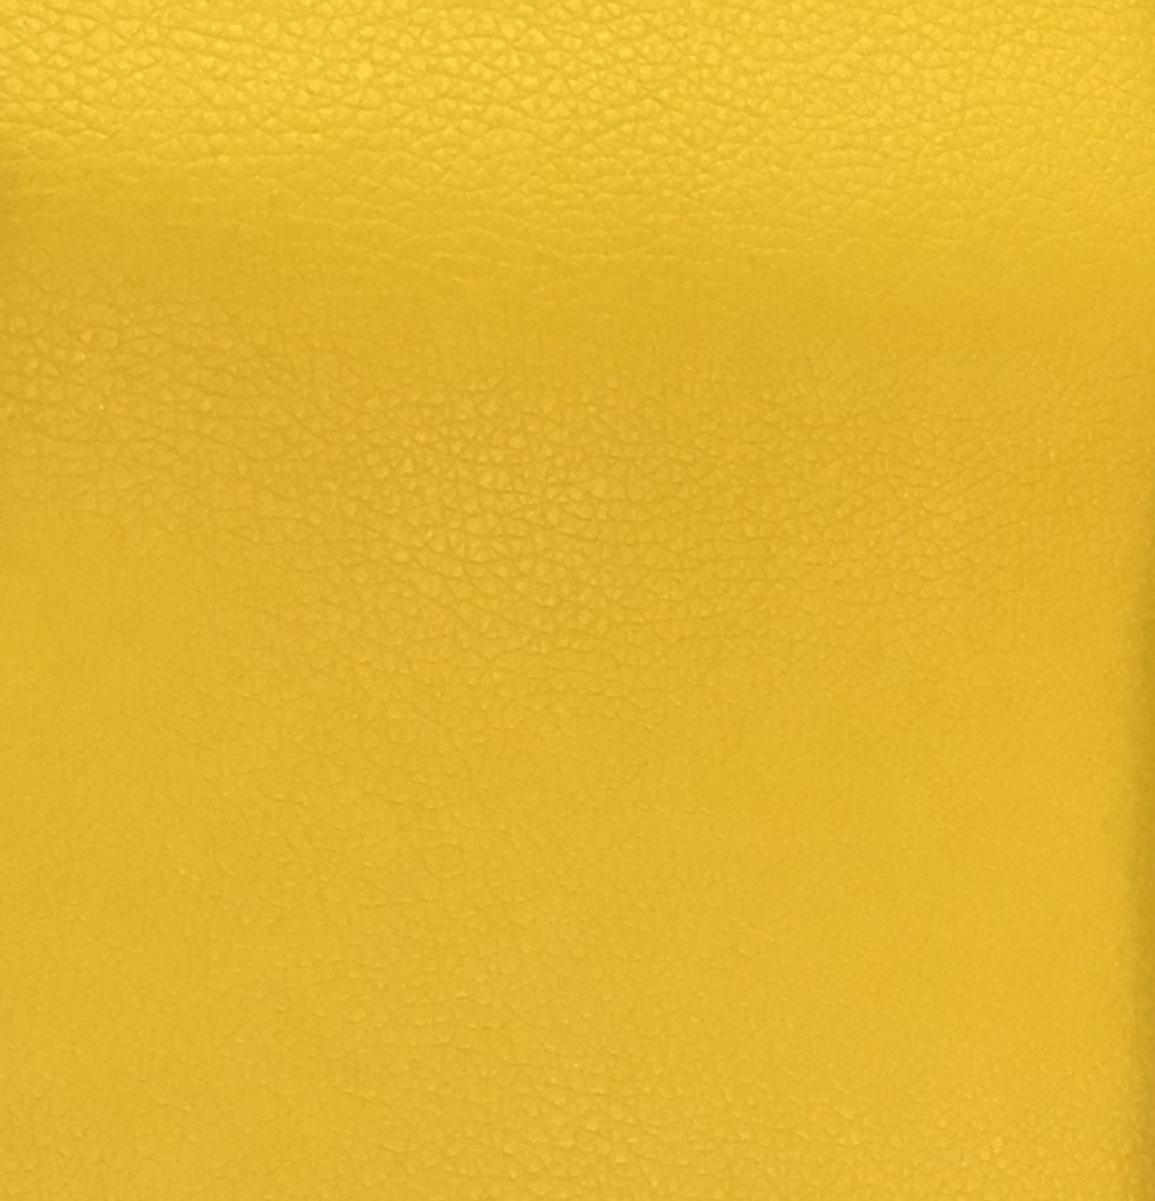 Yellow Marine Vinyl